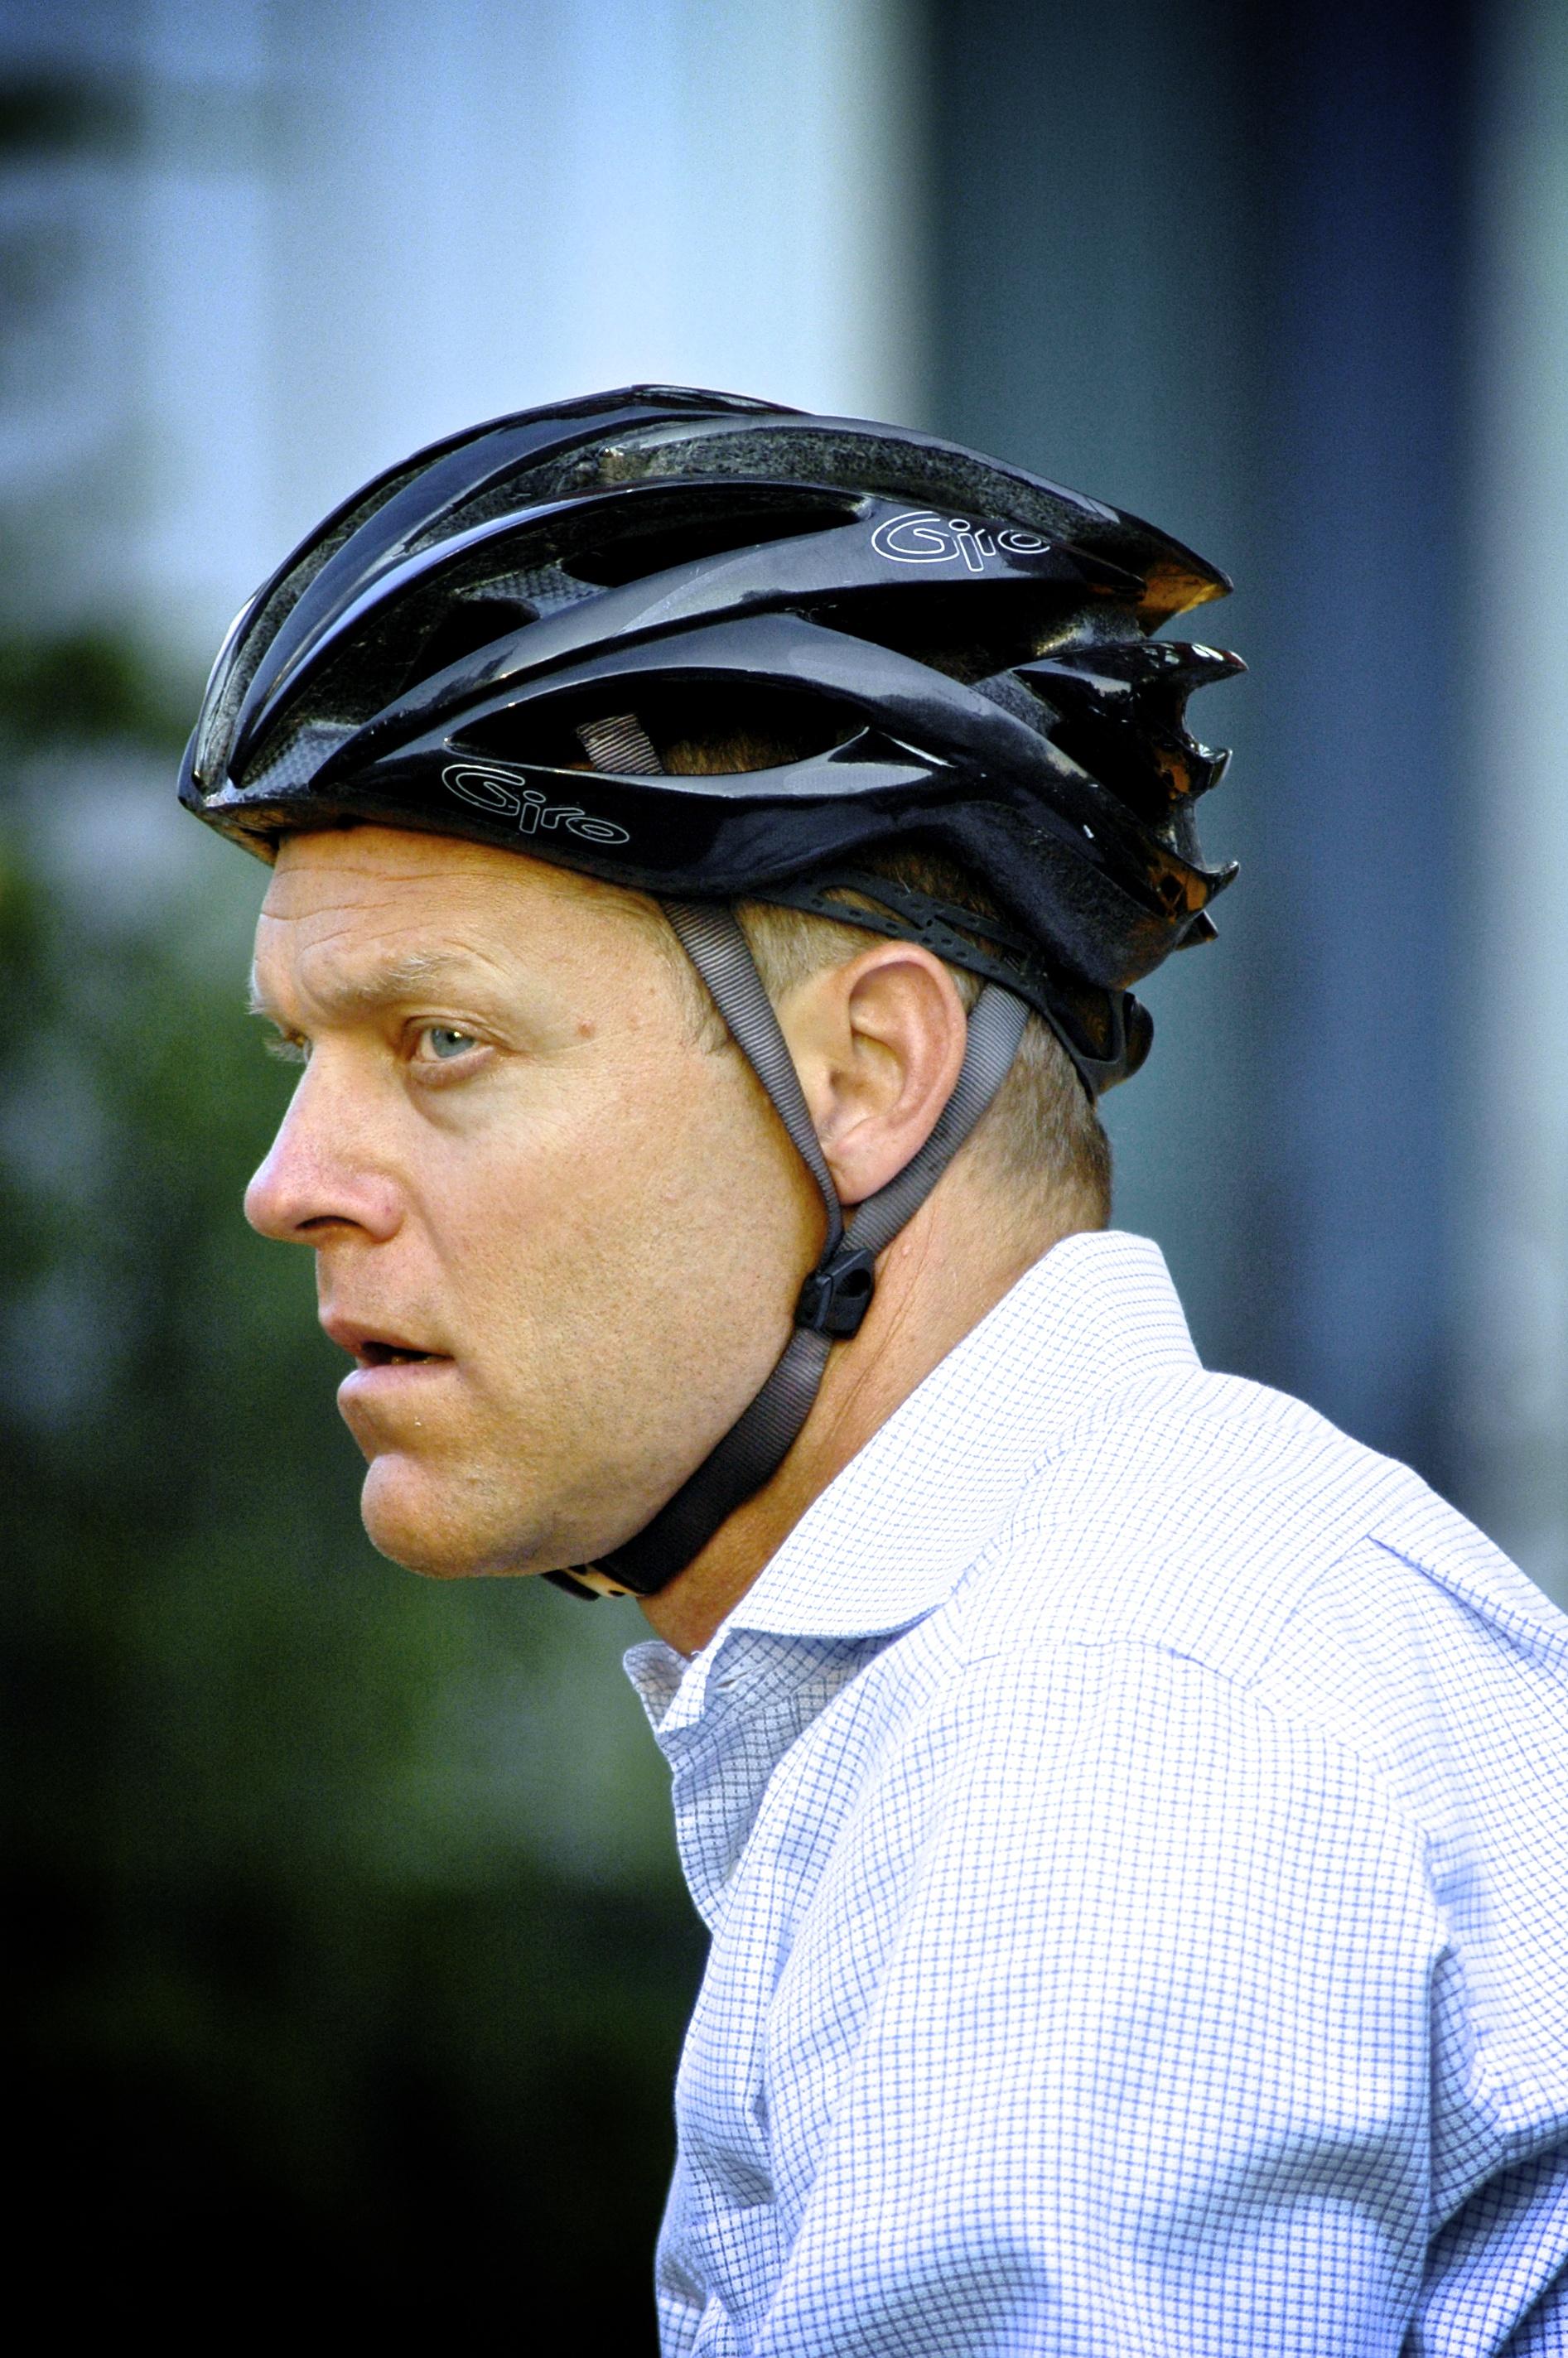 גבר על אפניים במנהטן